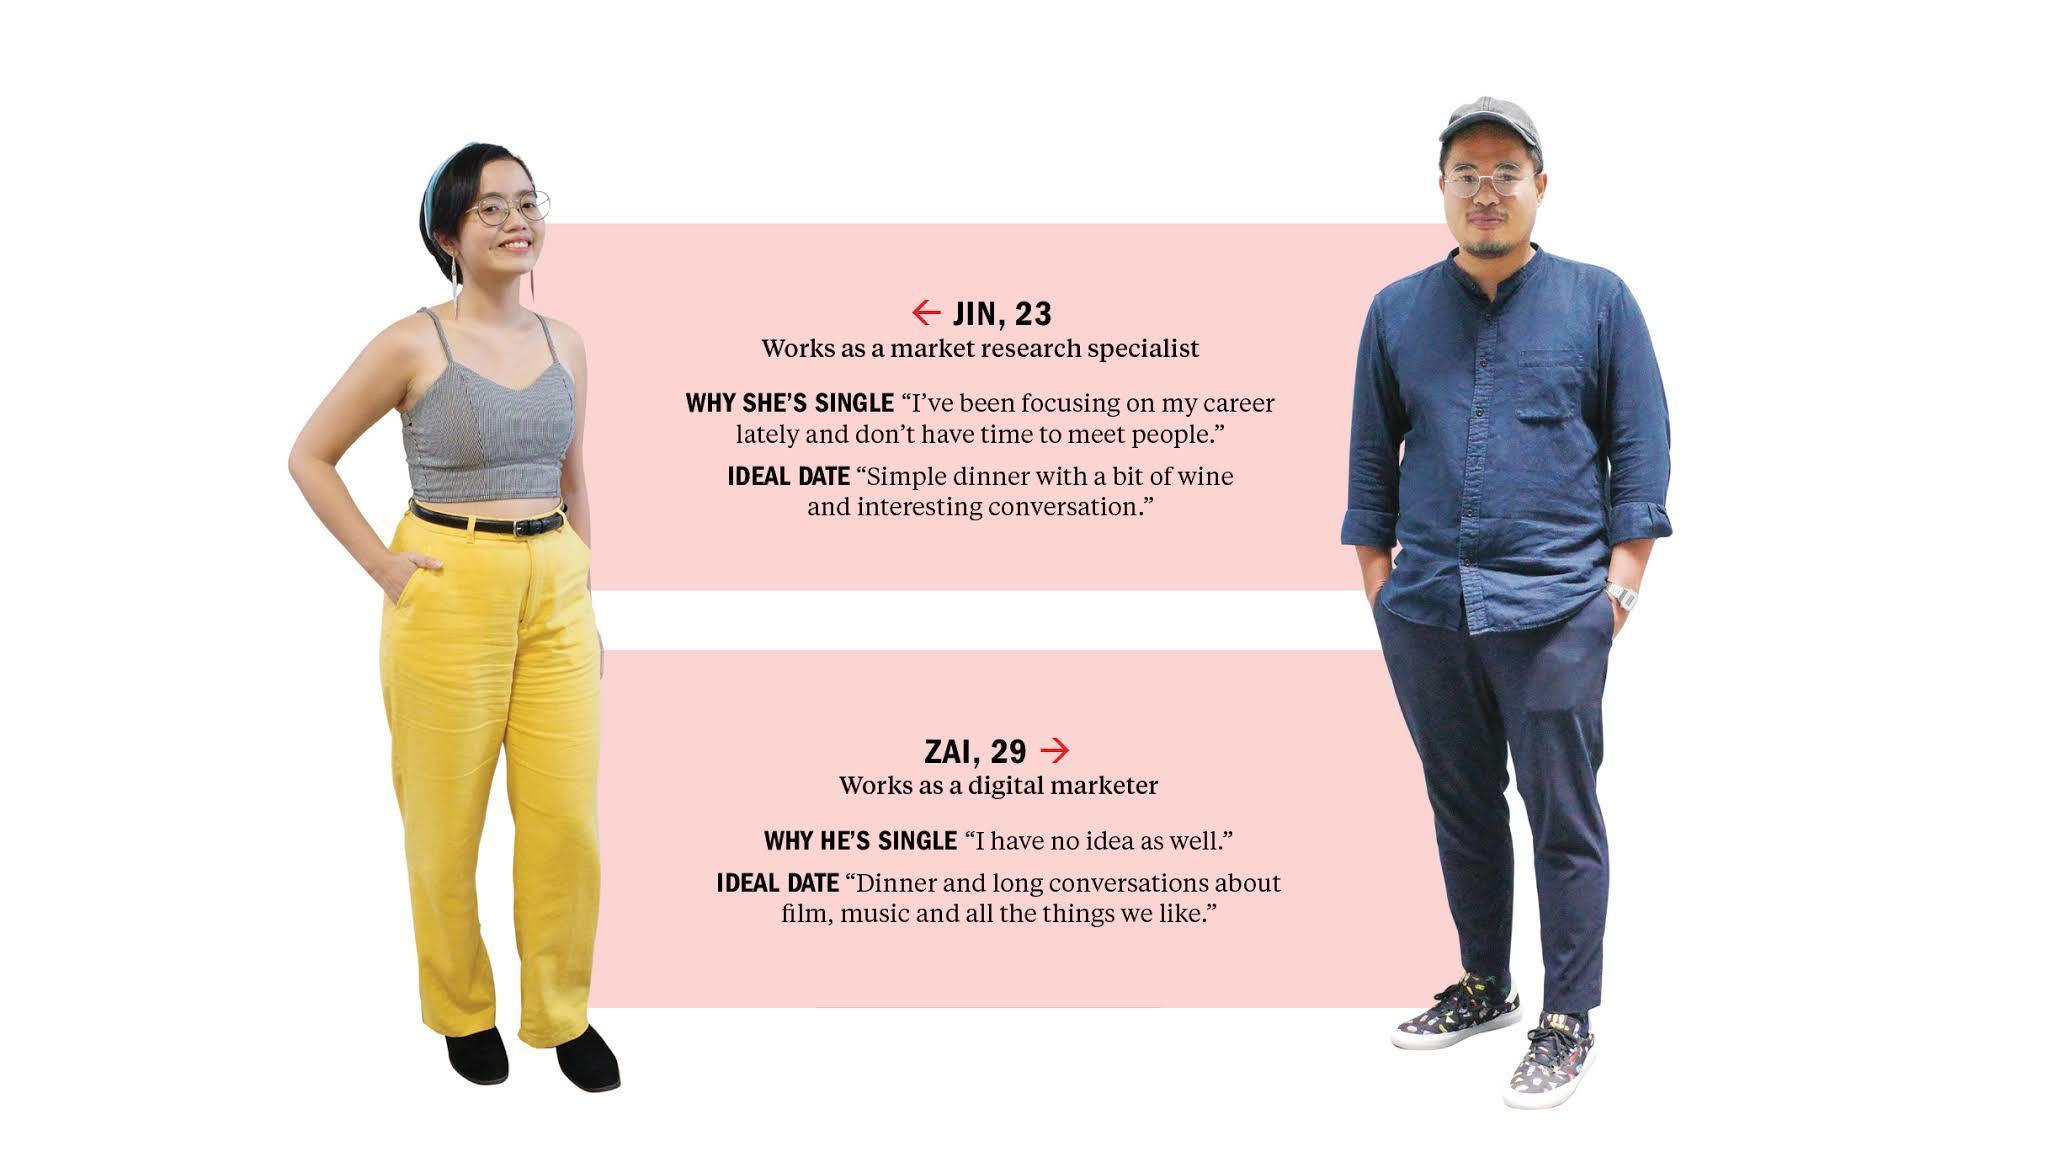 Find me a date: Jin and Zai